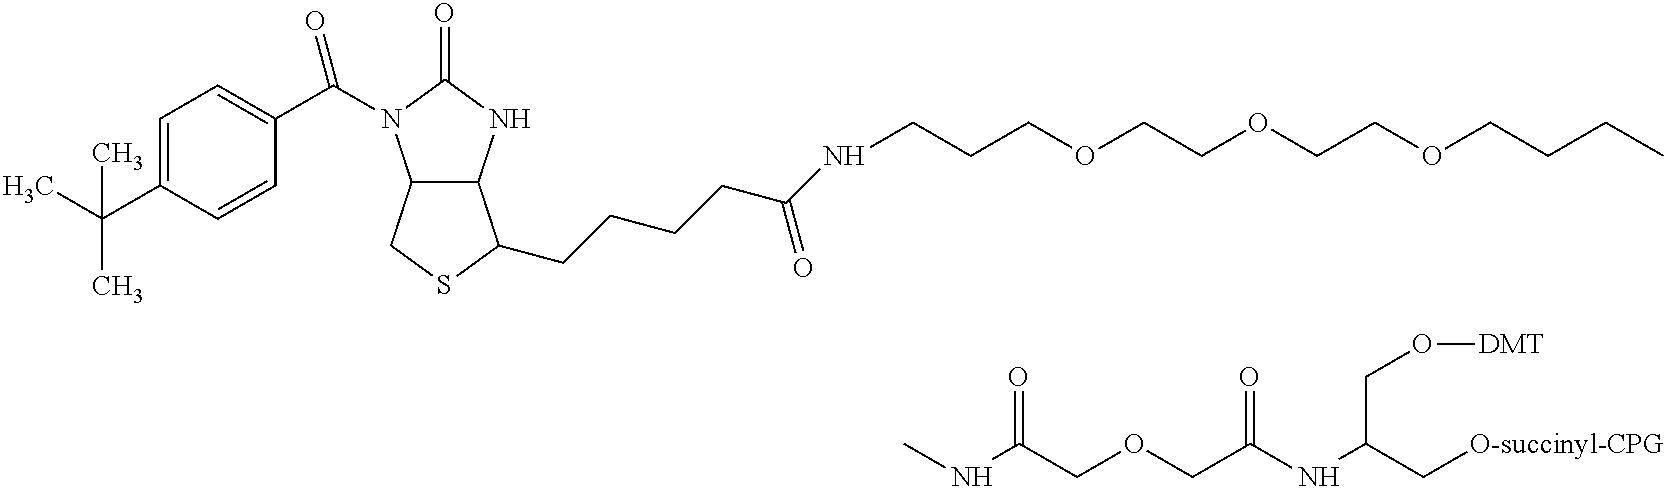 Figure US20110077389A1-20110331-C00021